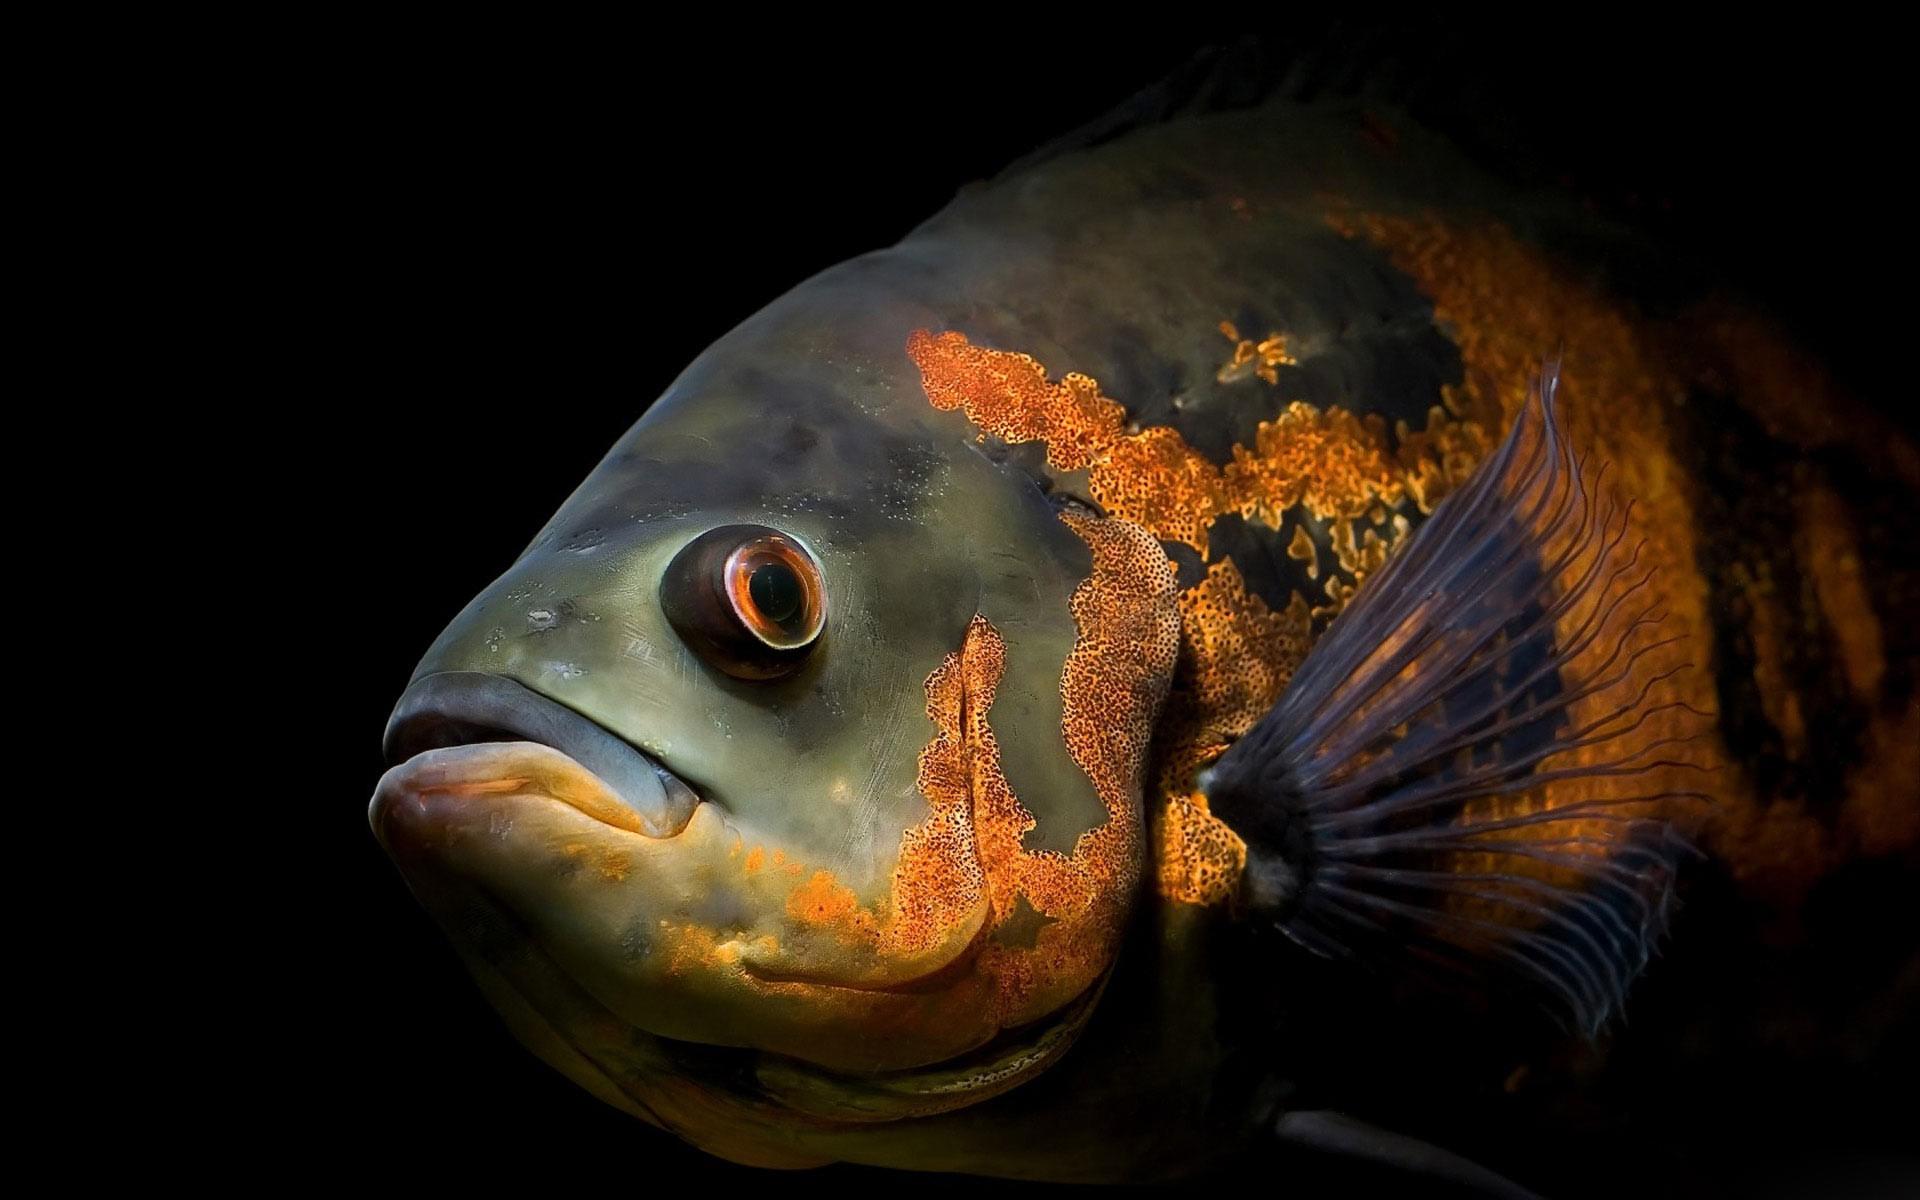 デスクトップ壁紙 魚 オレンジ色 動物の目 1920x1200